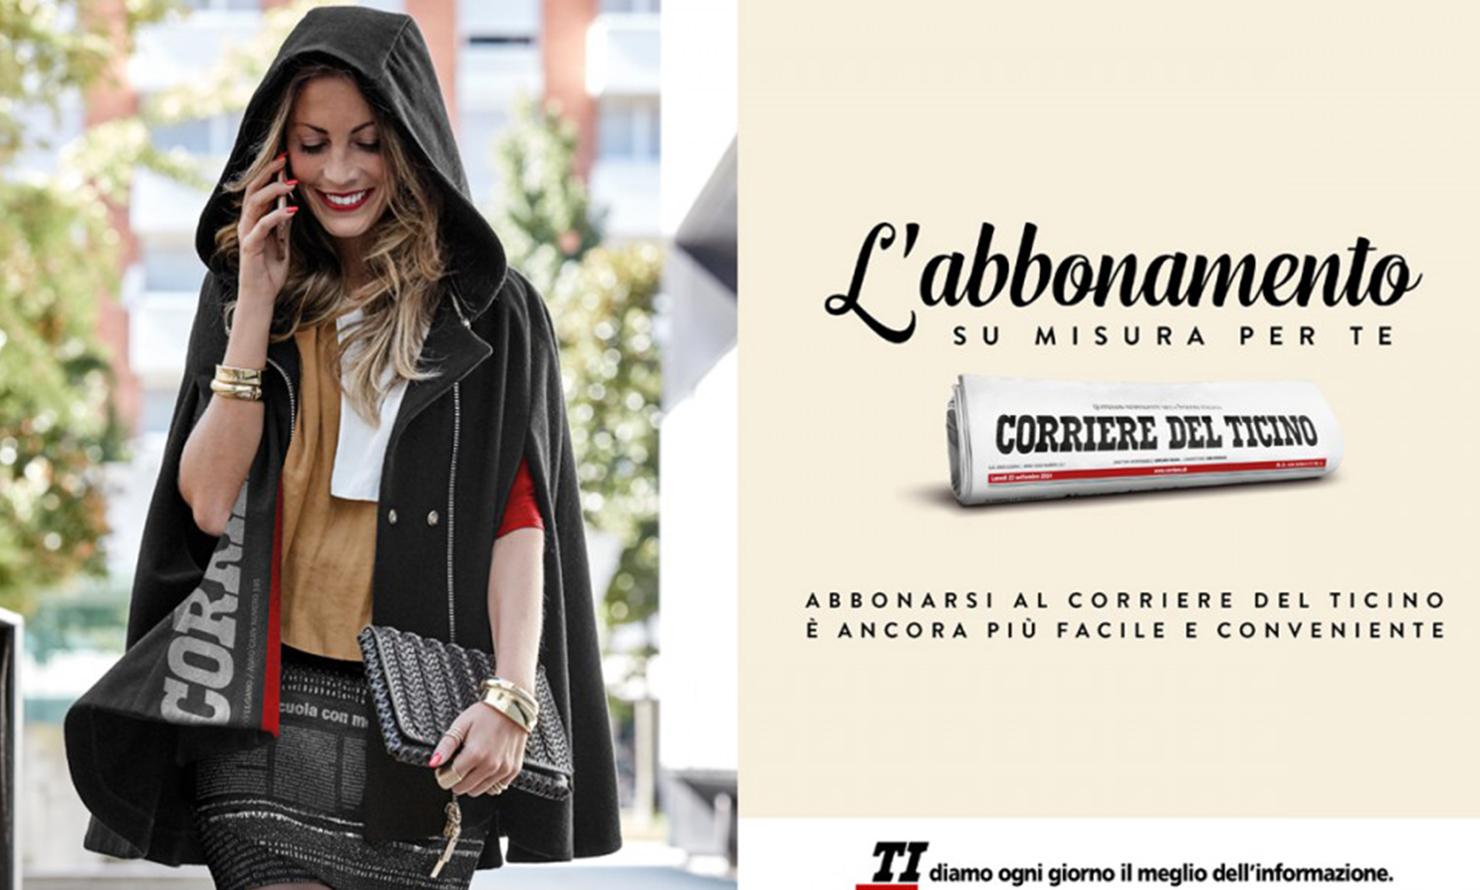 https://www.kubelibre.com/uploads/Slider-work-tutti-clienti/corriere-del-ticino-l-abbonamento-su-misura-per-te-5.jpg